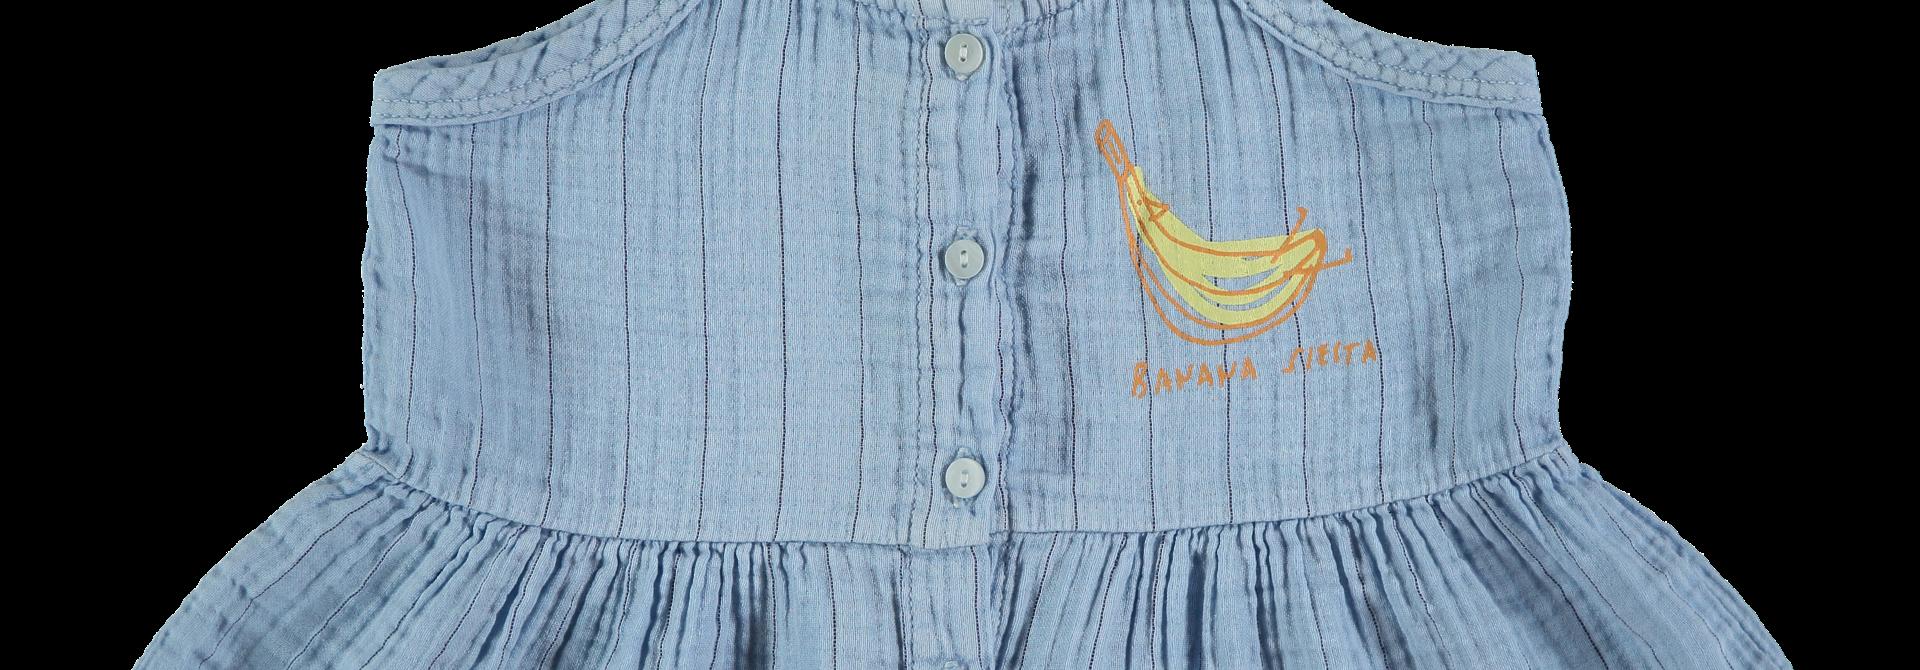 Shirt brace stripes banana